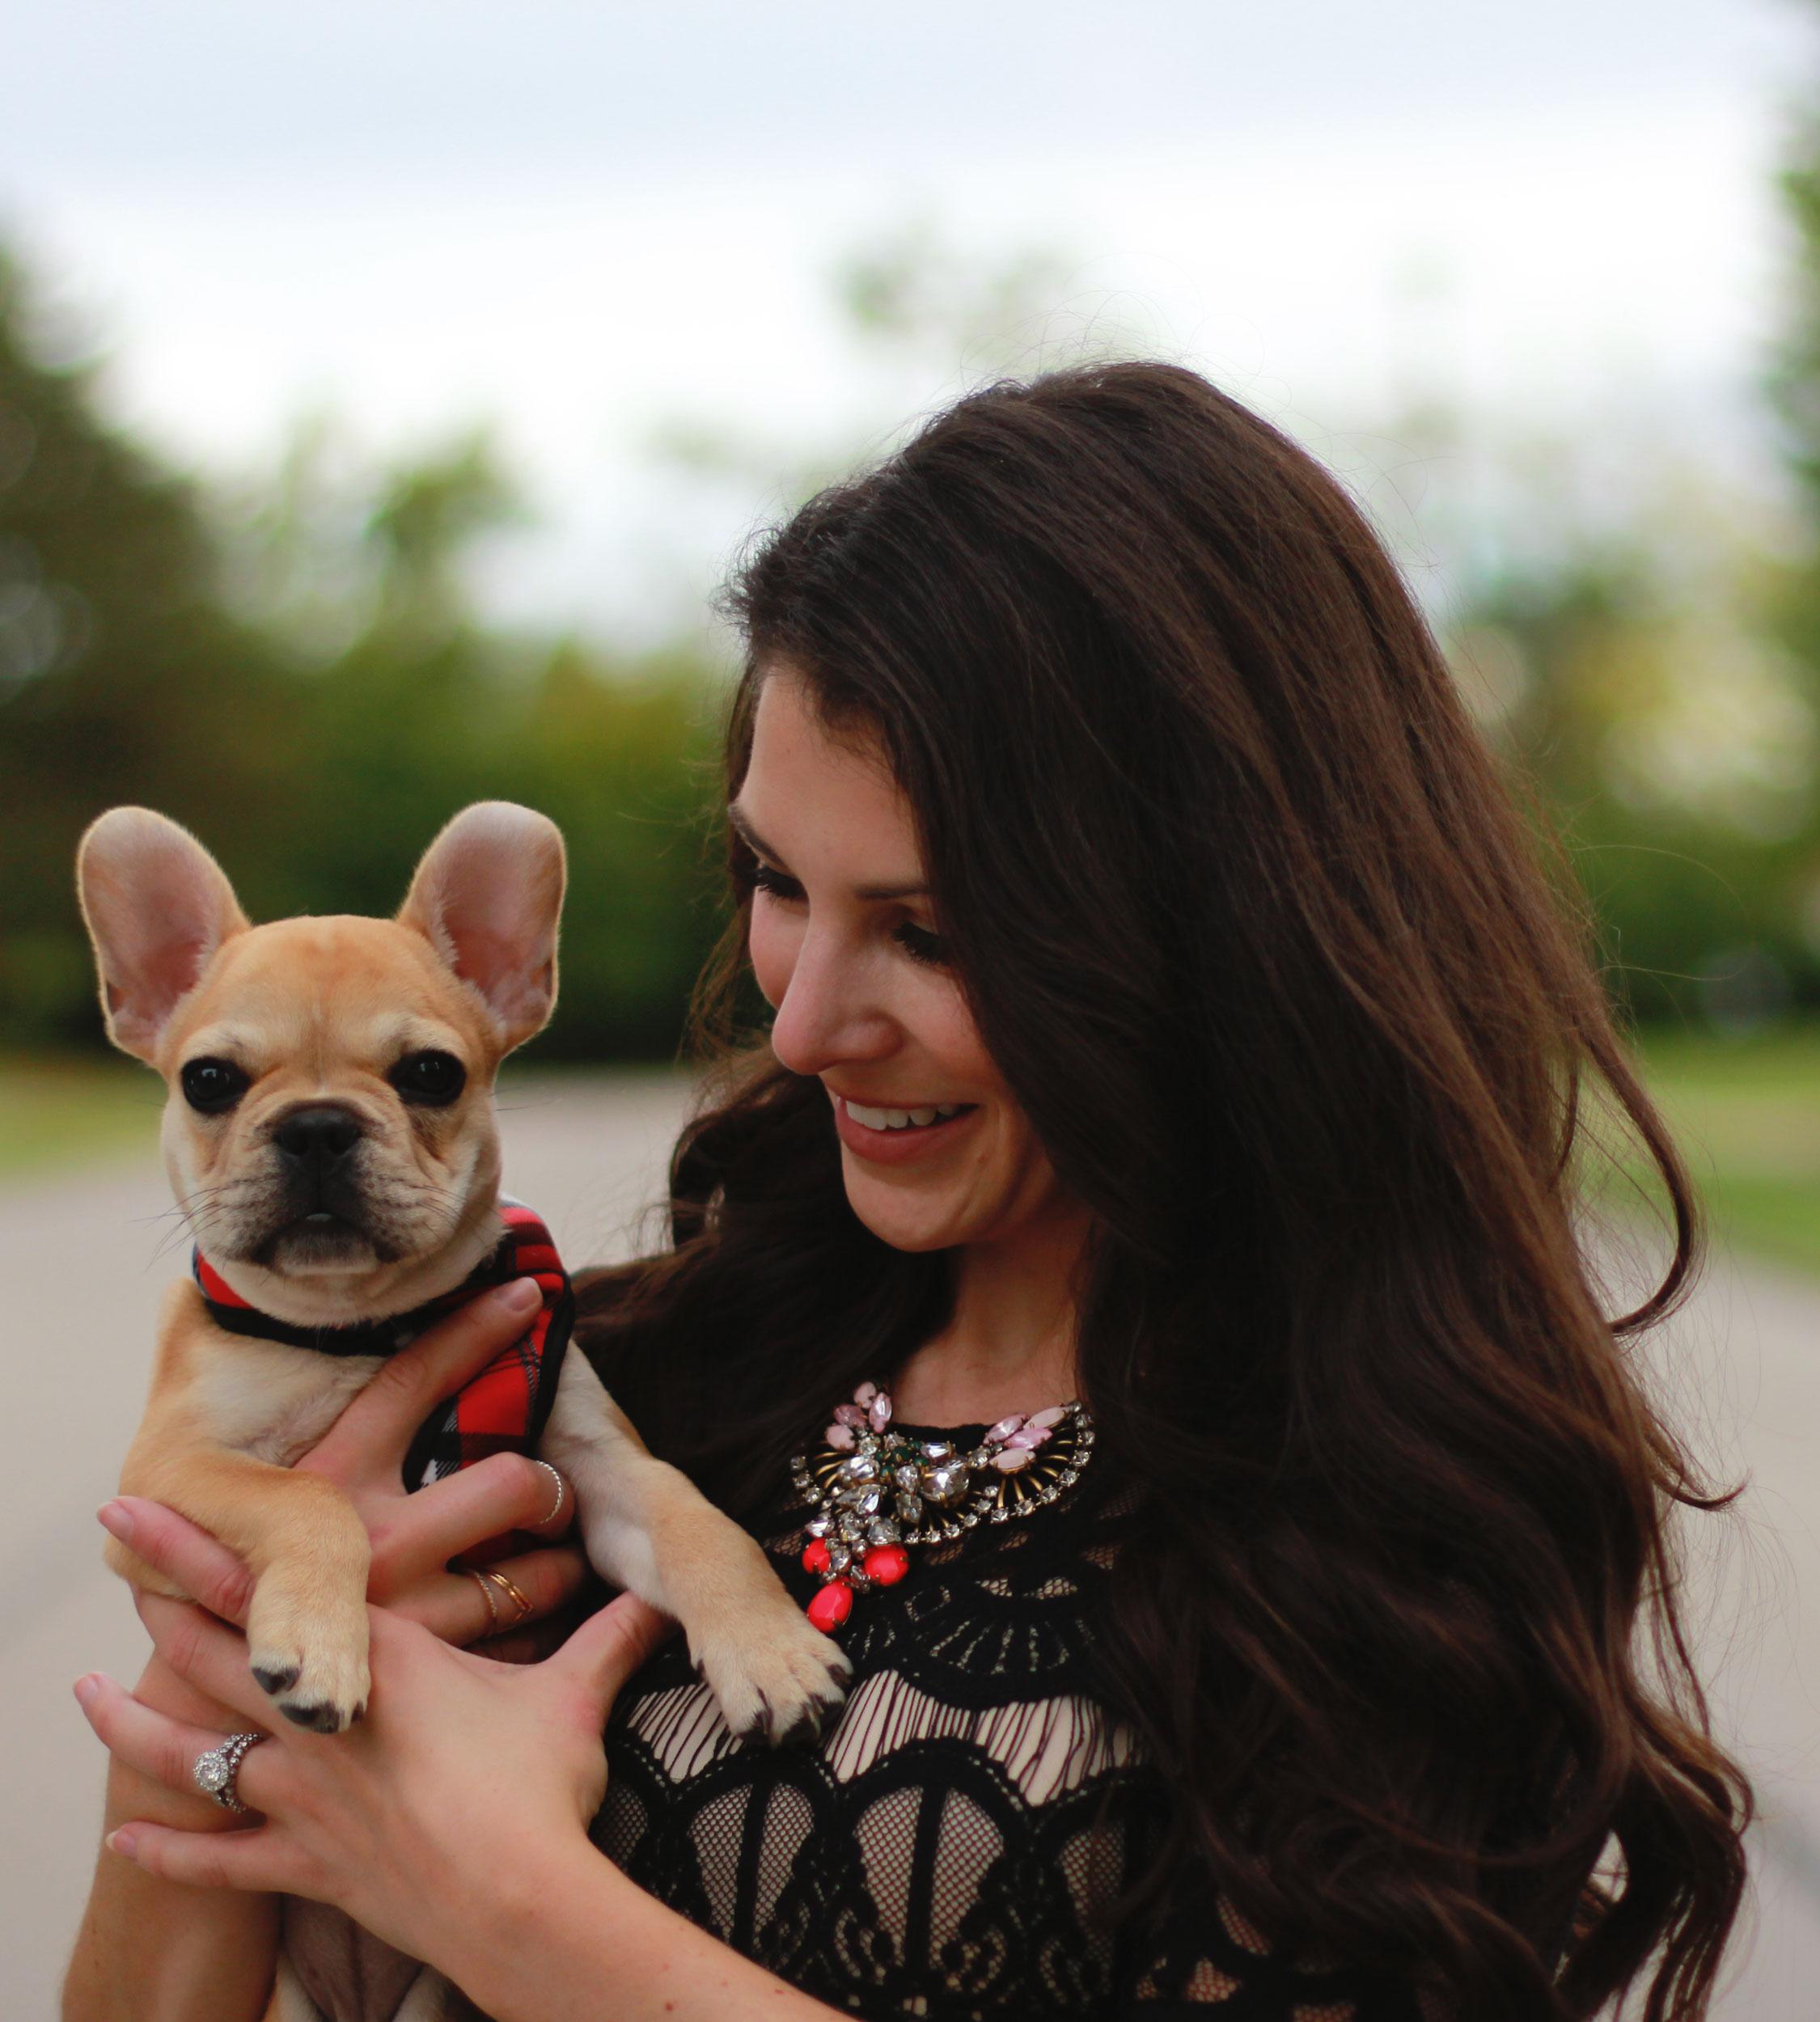 Fall Fashion, JOA Lace Body-Con Dress, Wedding Guest Attire, Statement Necklace, Midi Dress, Jessica Simpson Claudette Pumps, French Bulldog Puppy